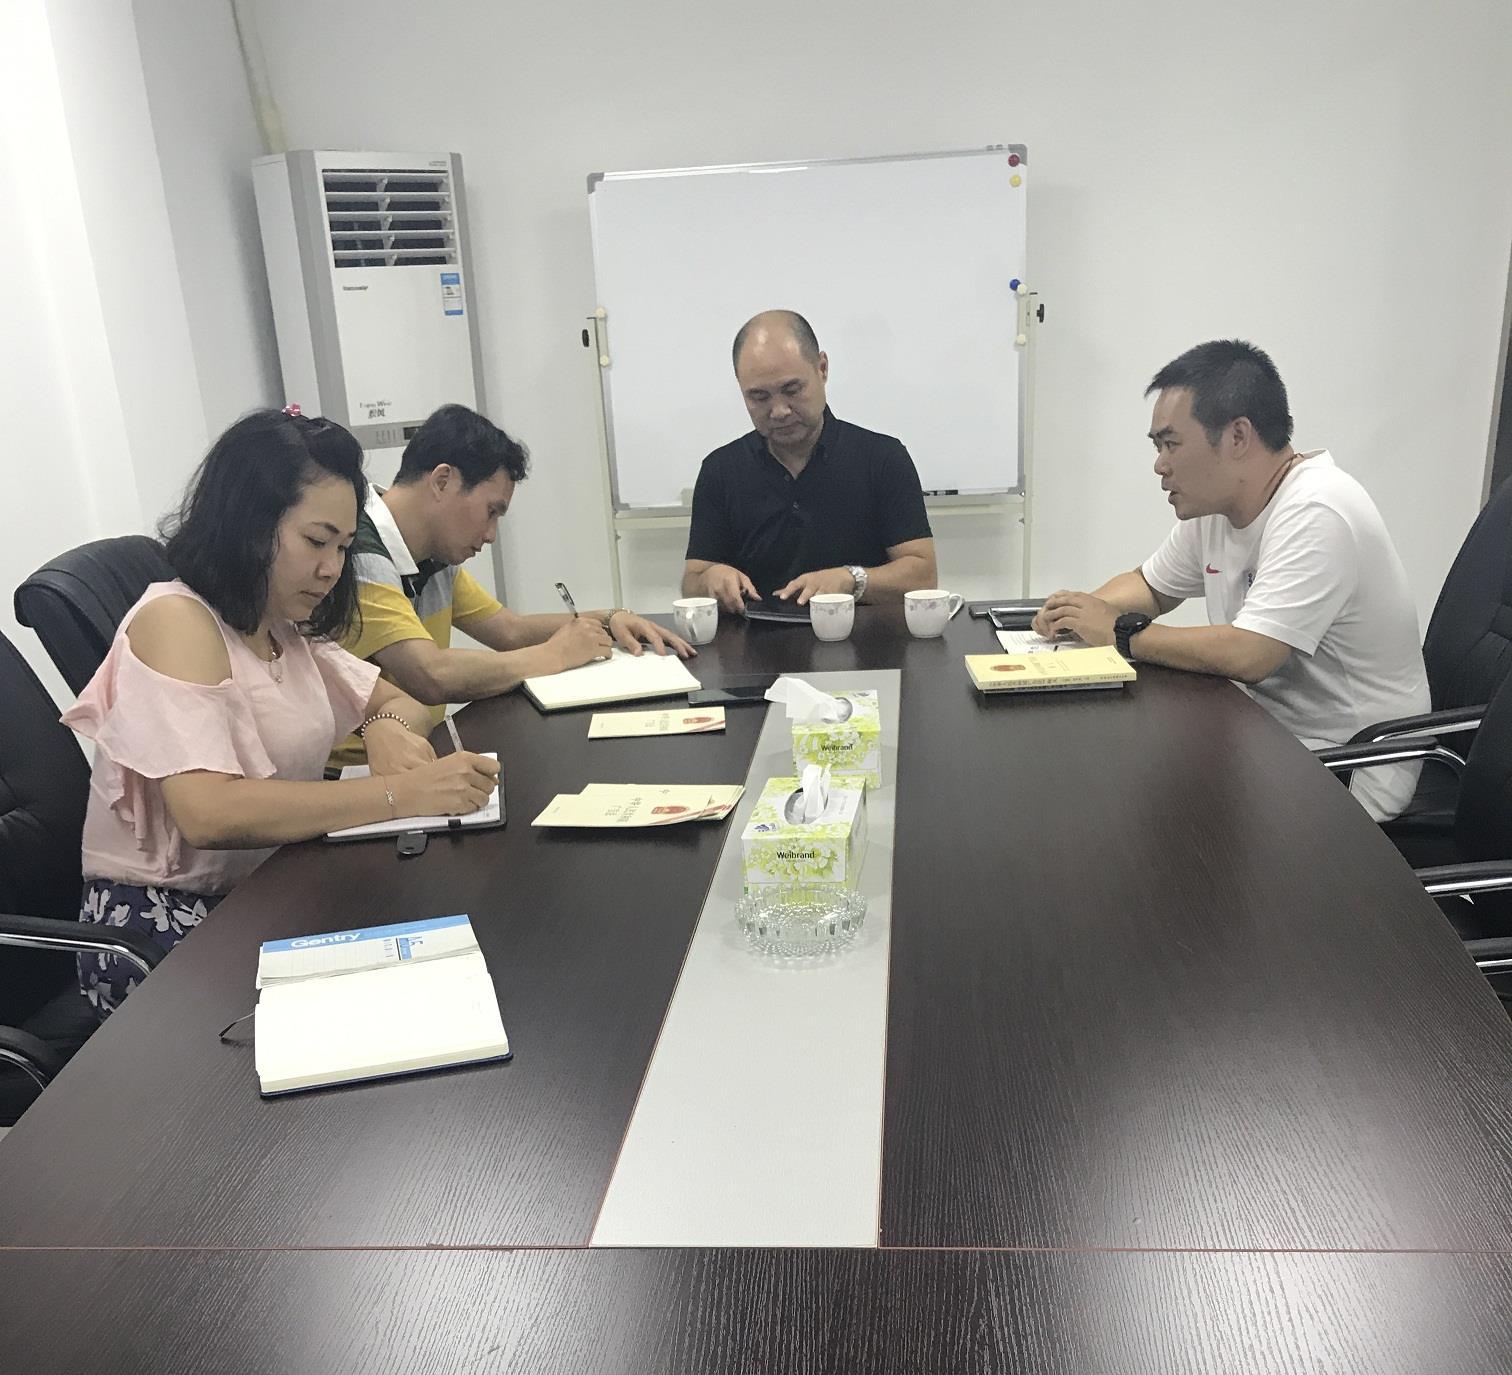 【工作会议】政企交流--工商部门到访协会